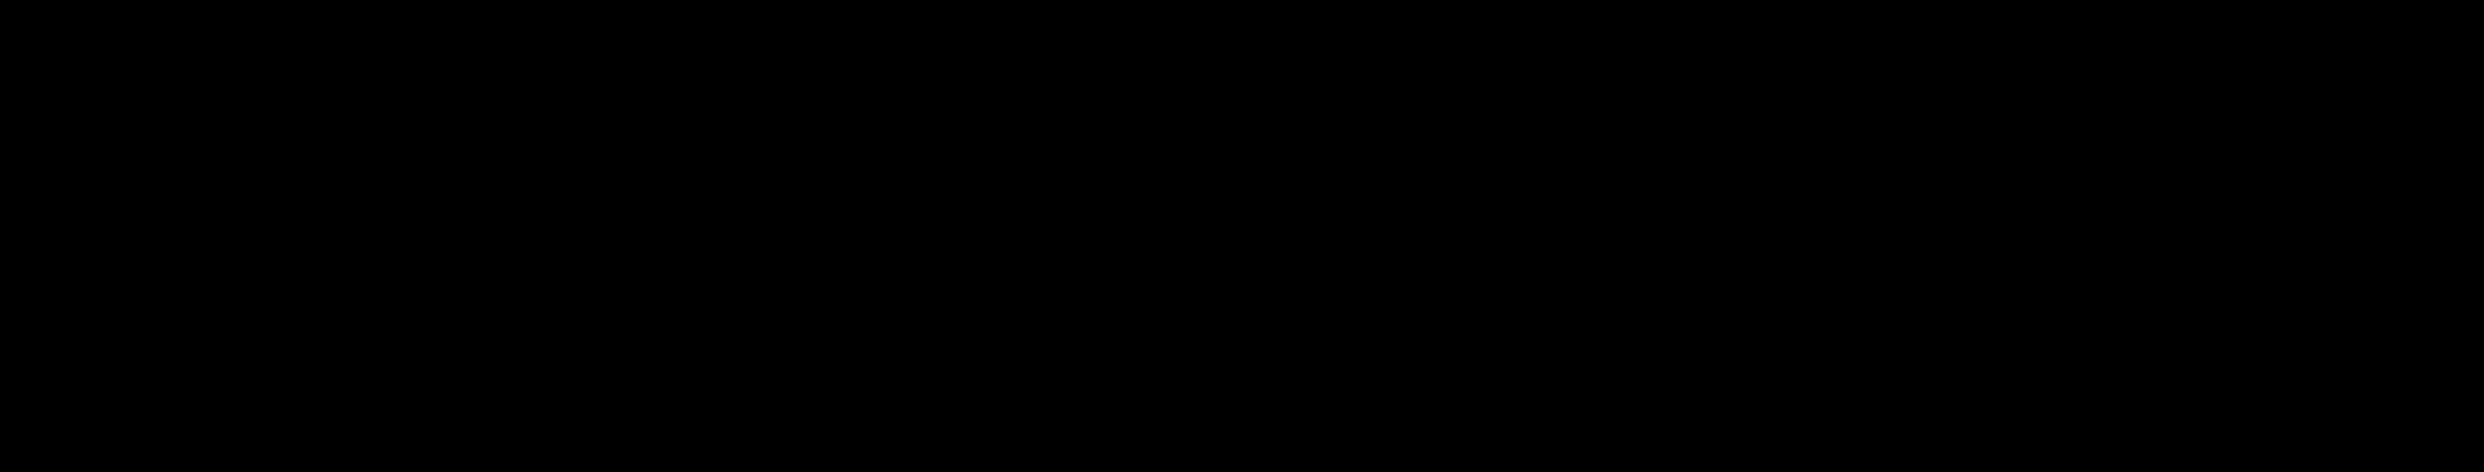 N-(1-Chloroacetamido-7,10,13-trioxa-3-azahexadecanyl-16)acrylamide